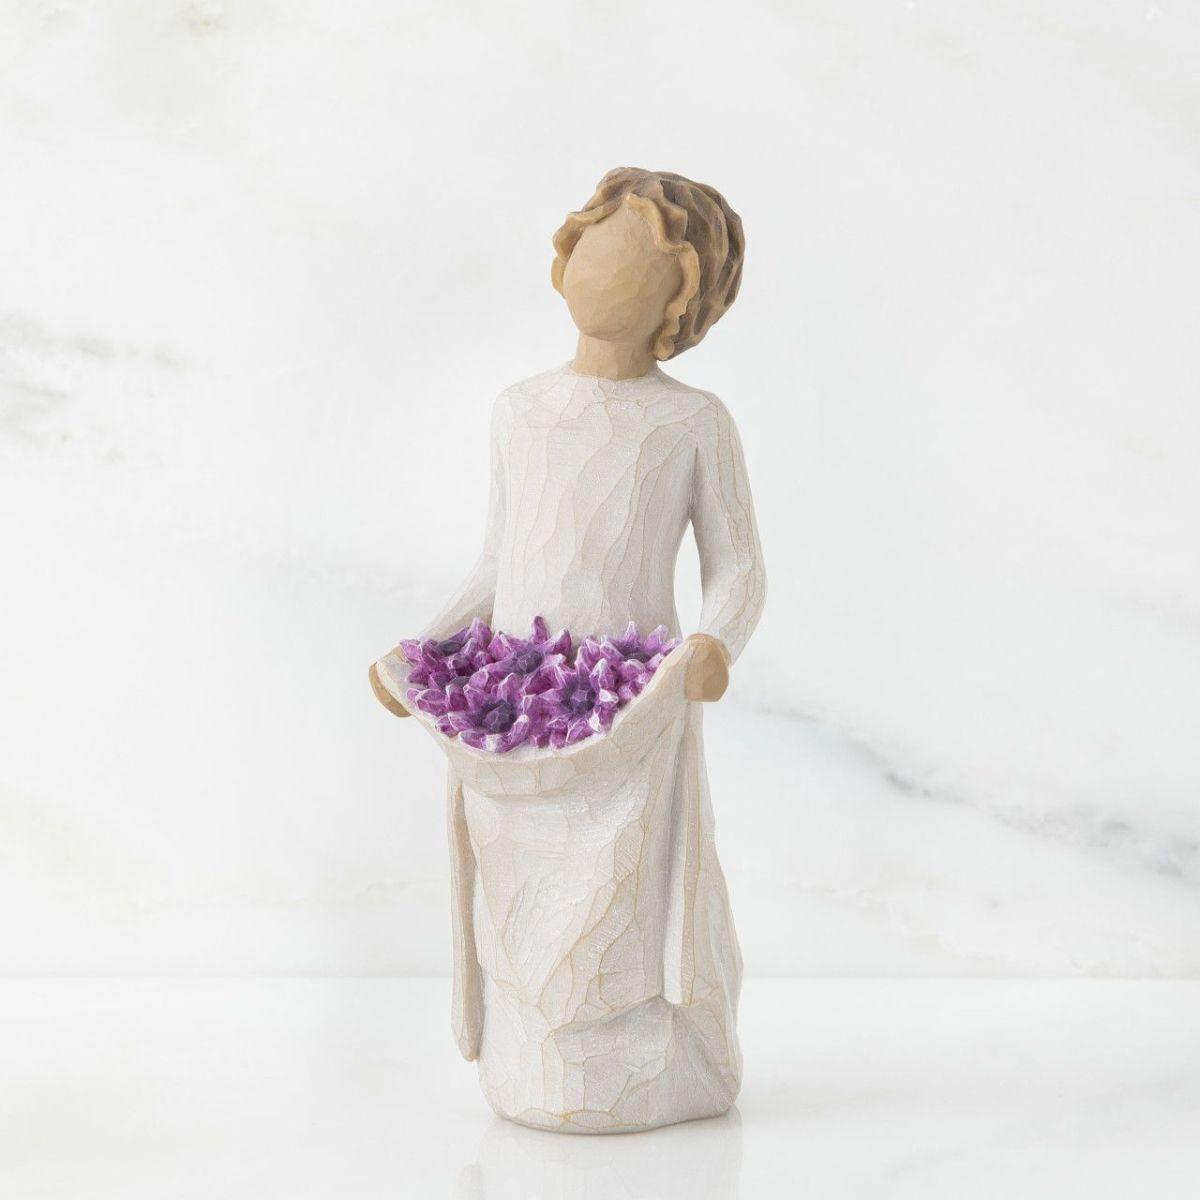 ウィローツリー彫像 【Simple Joys】 - 素朴な喜び